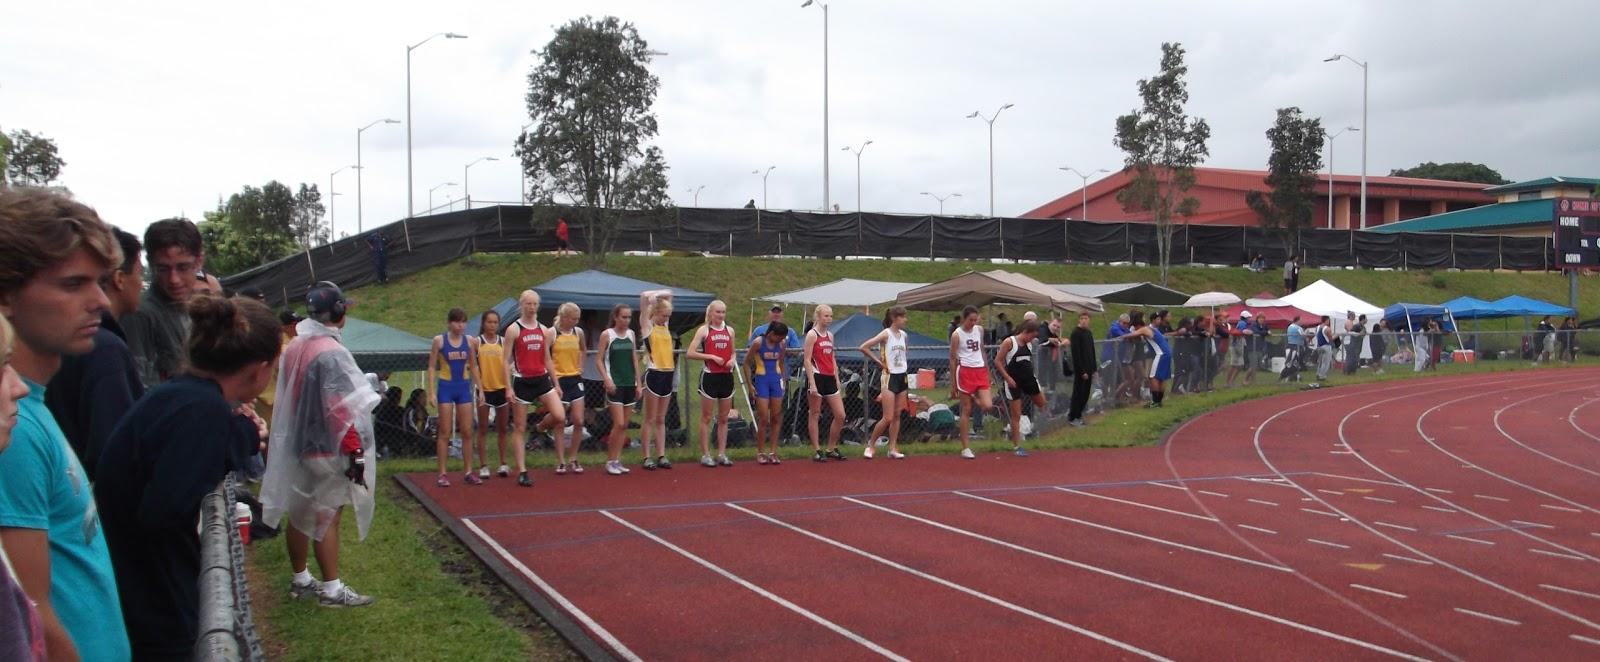 ernie sims track meet 2012